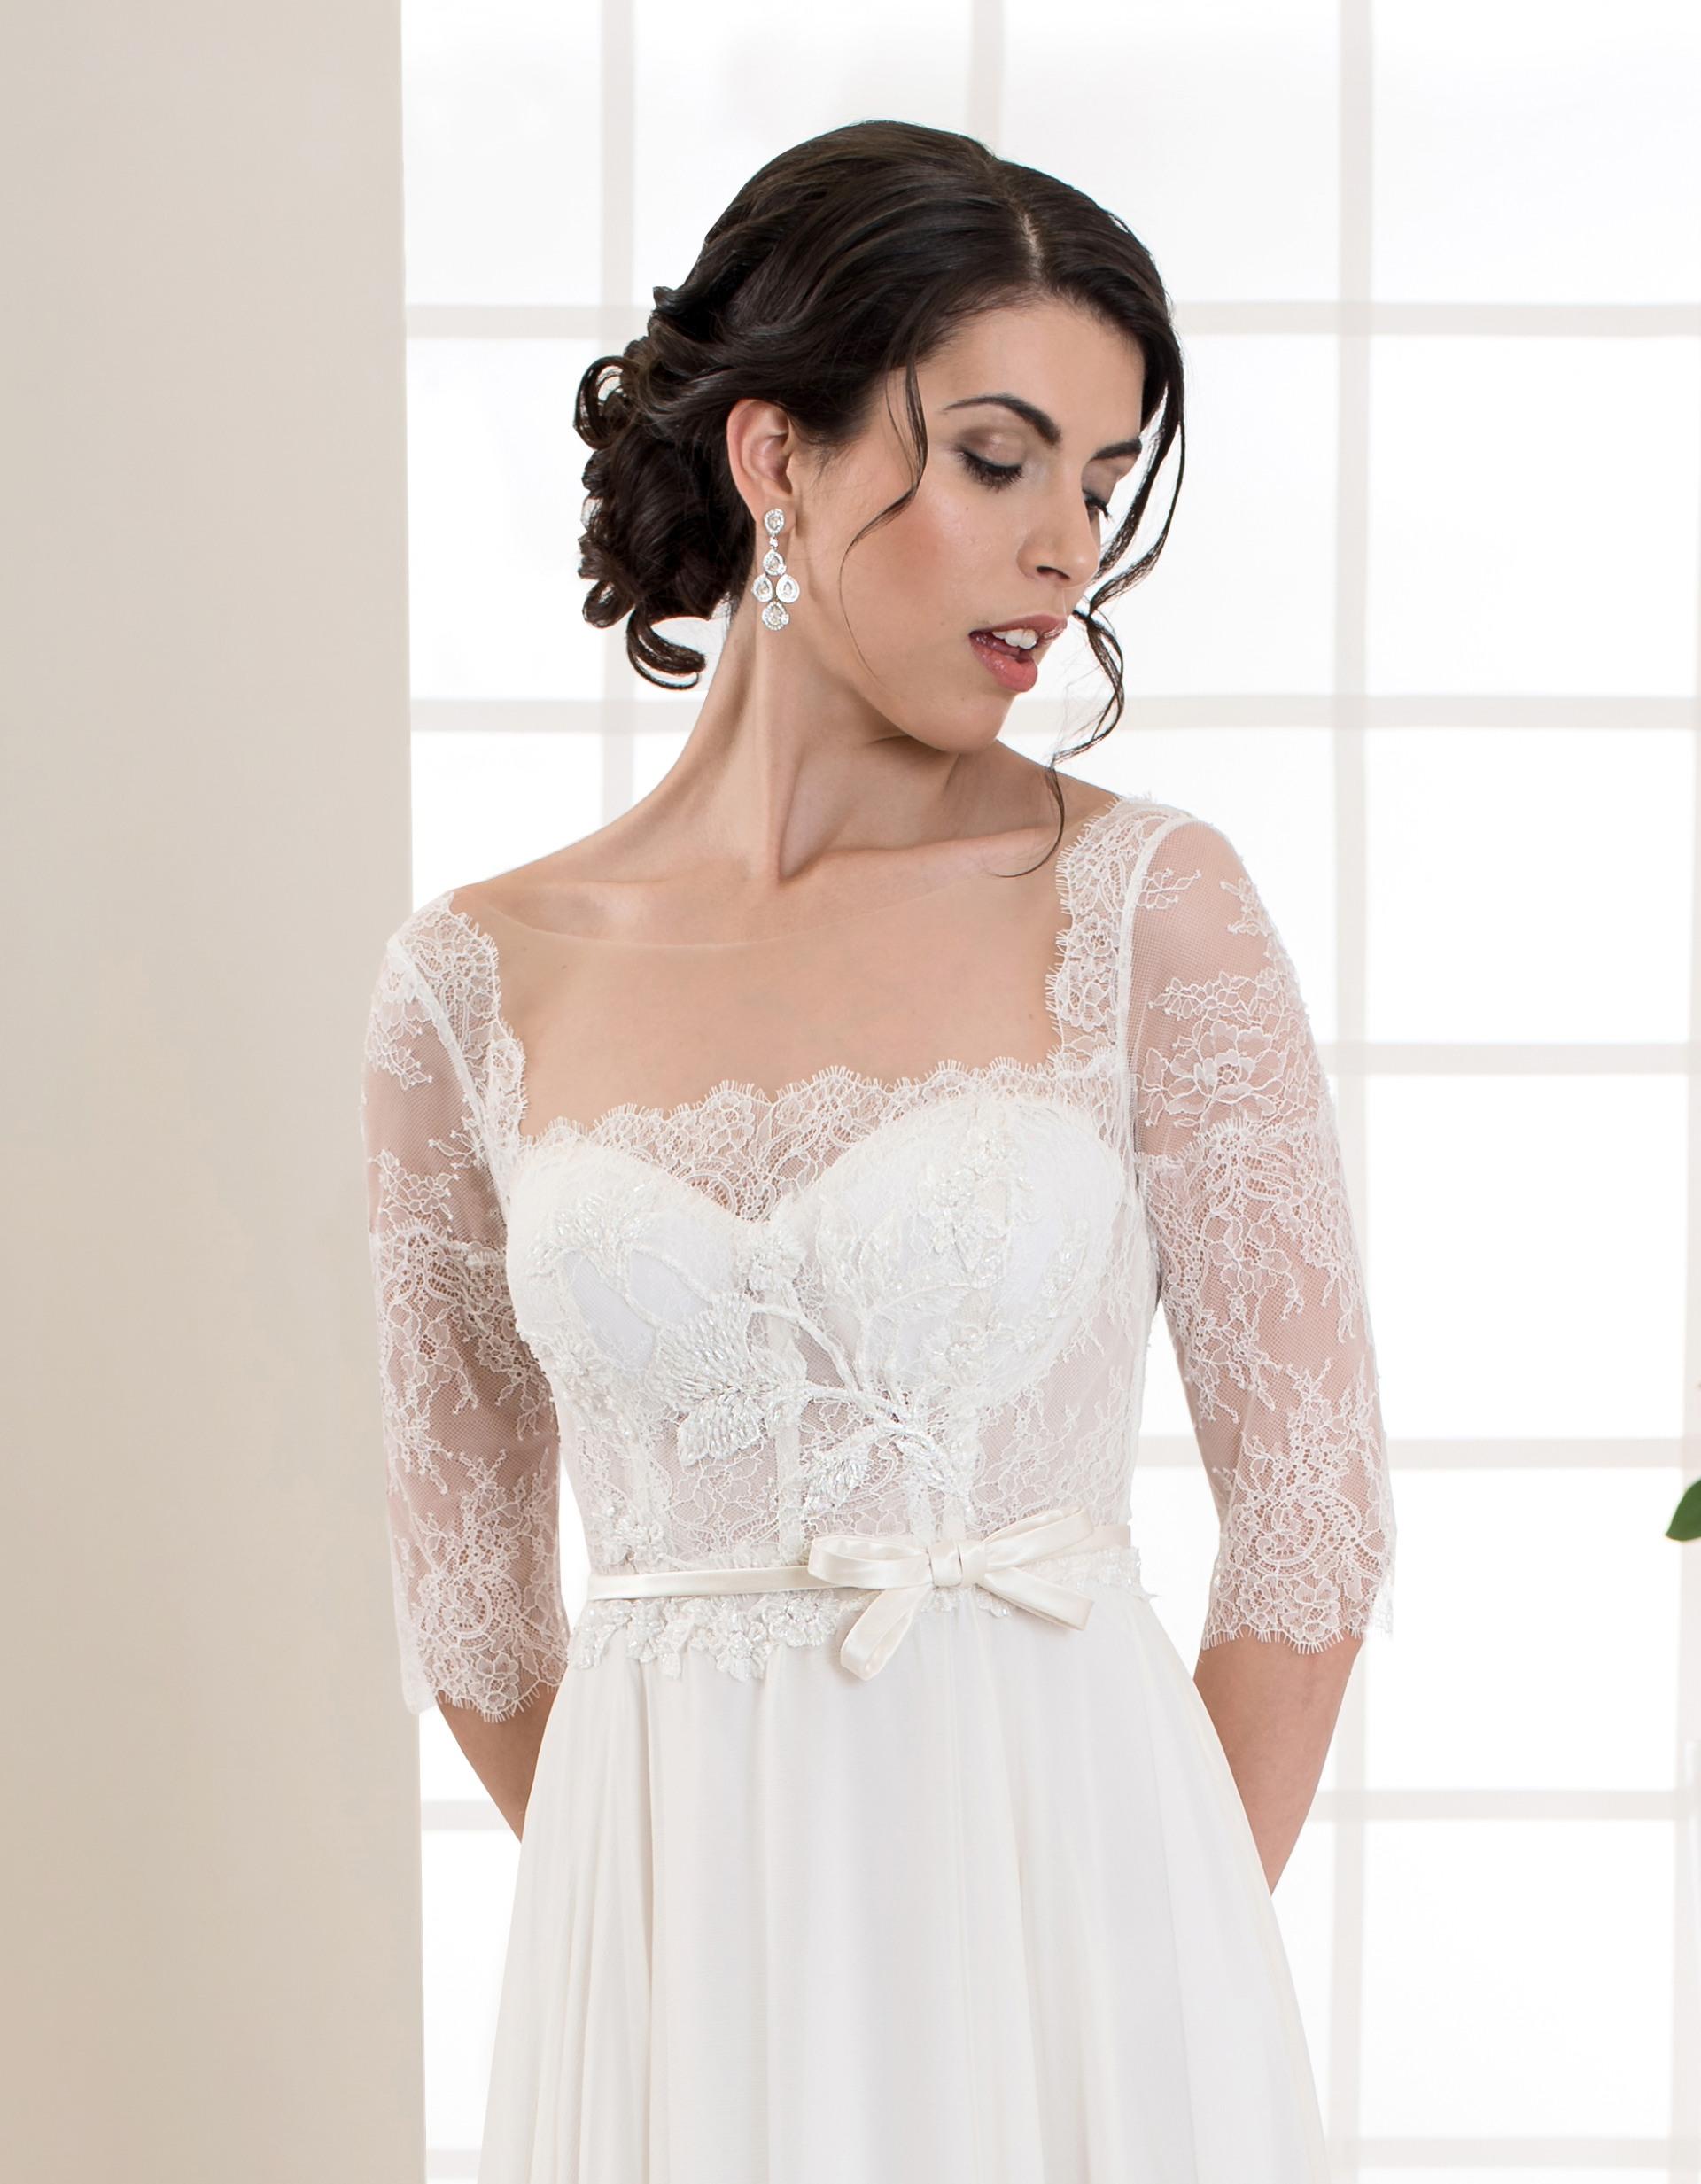 Langes Brautkleid mit langen Ärmeln und Spitze vorne